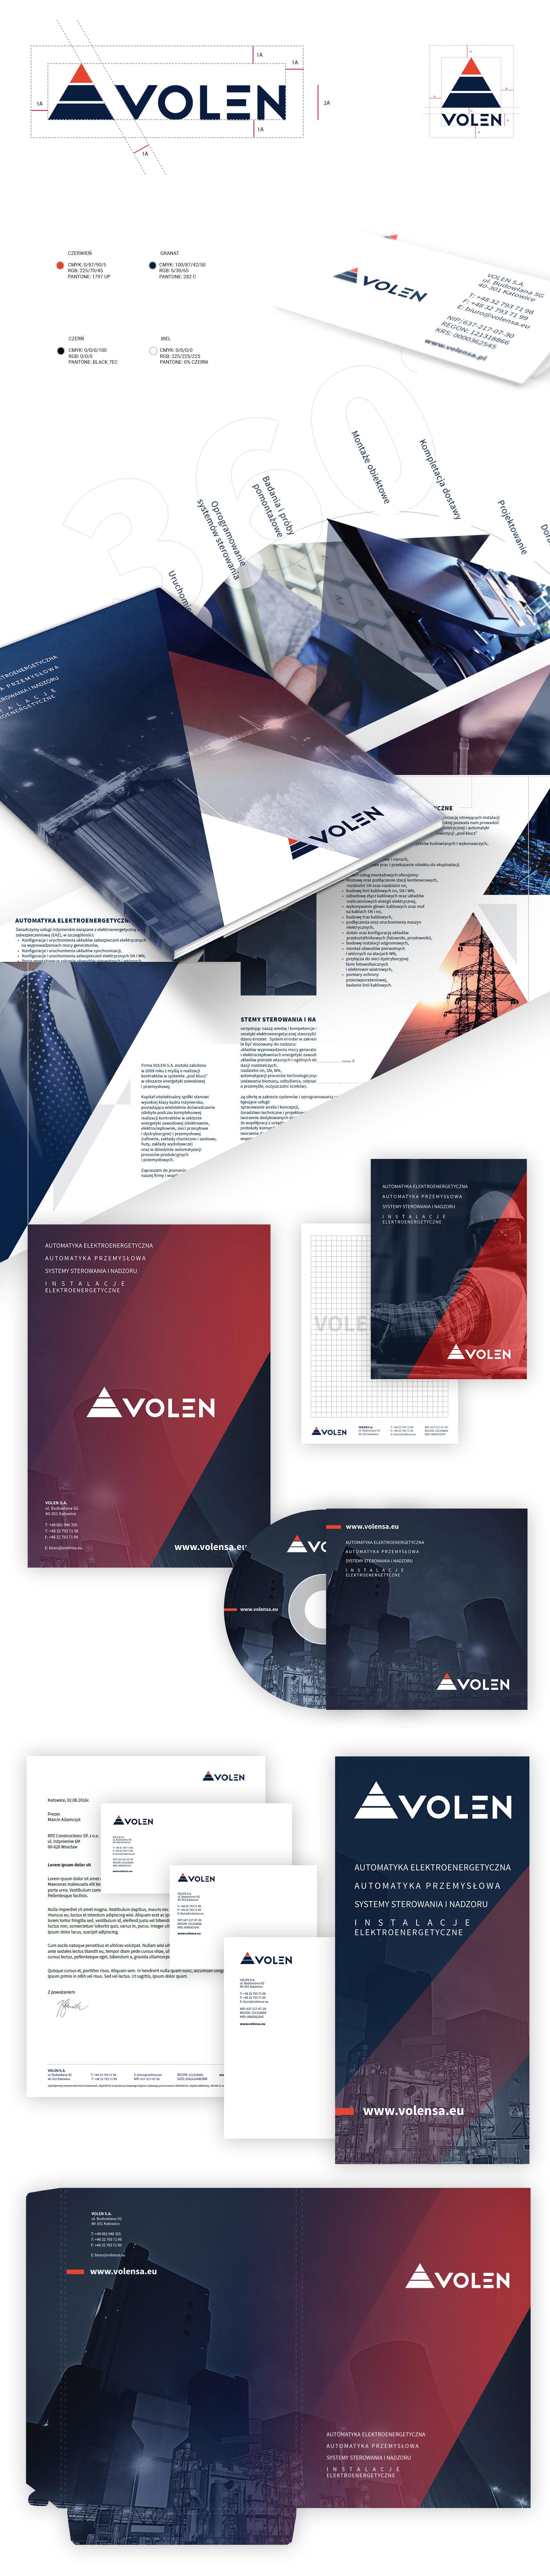 Brending, identyfikacja wizualna spółki z Katowic